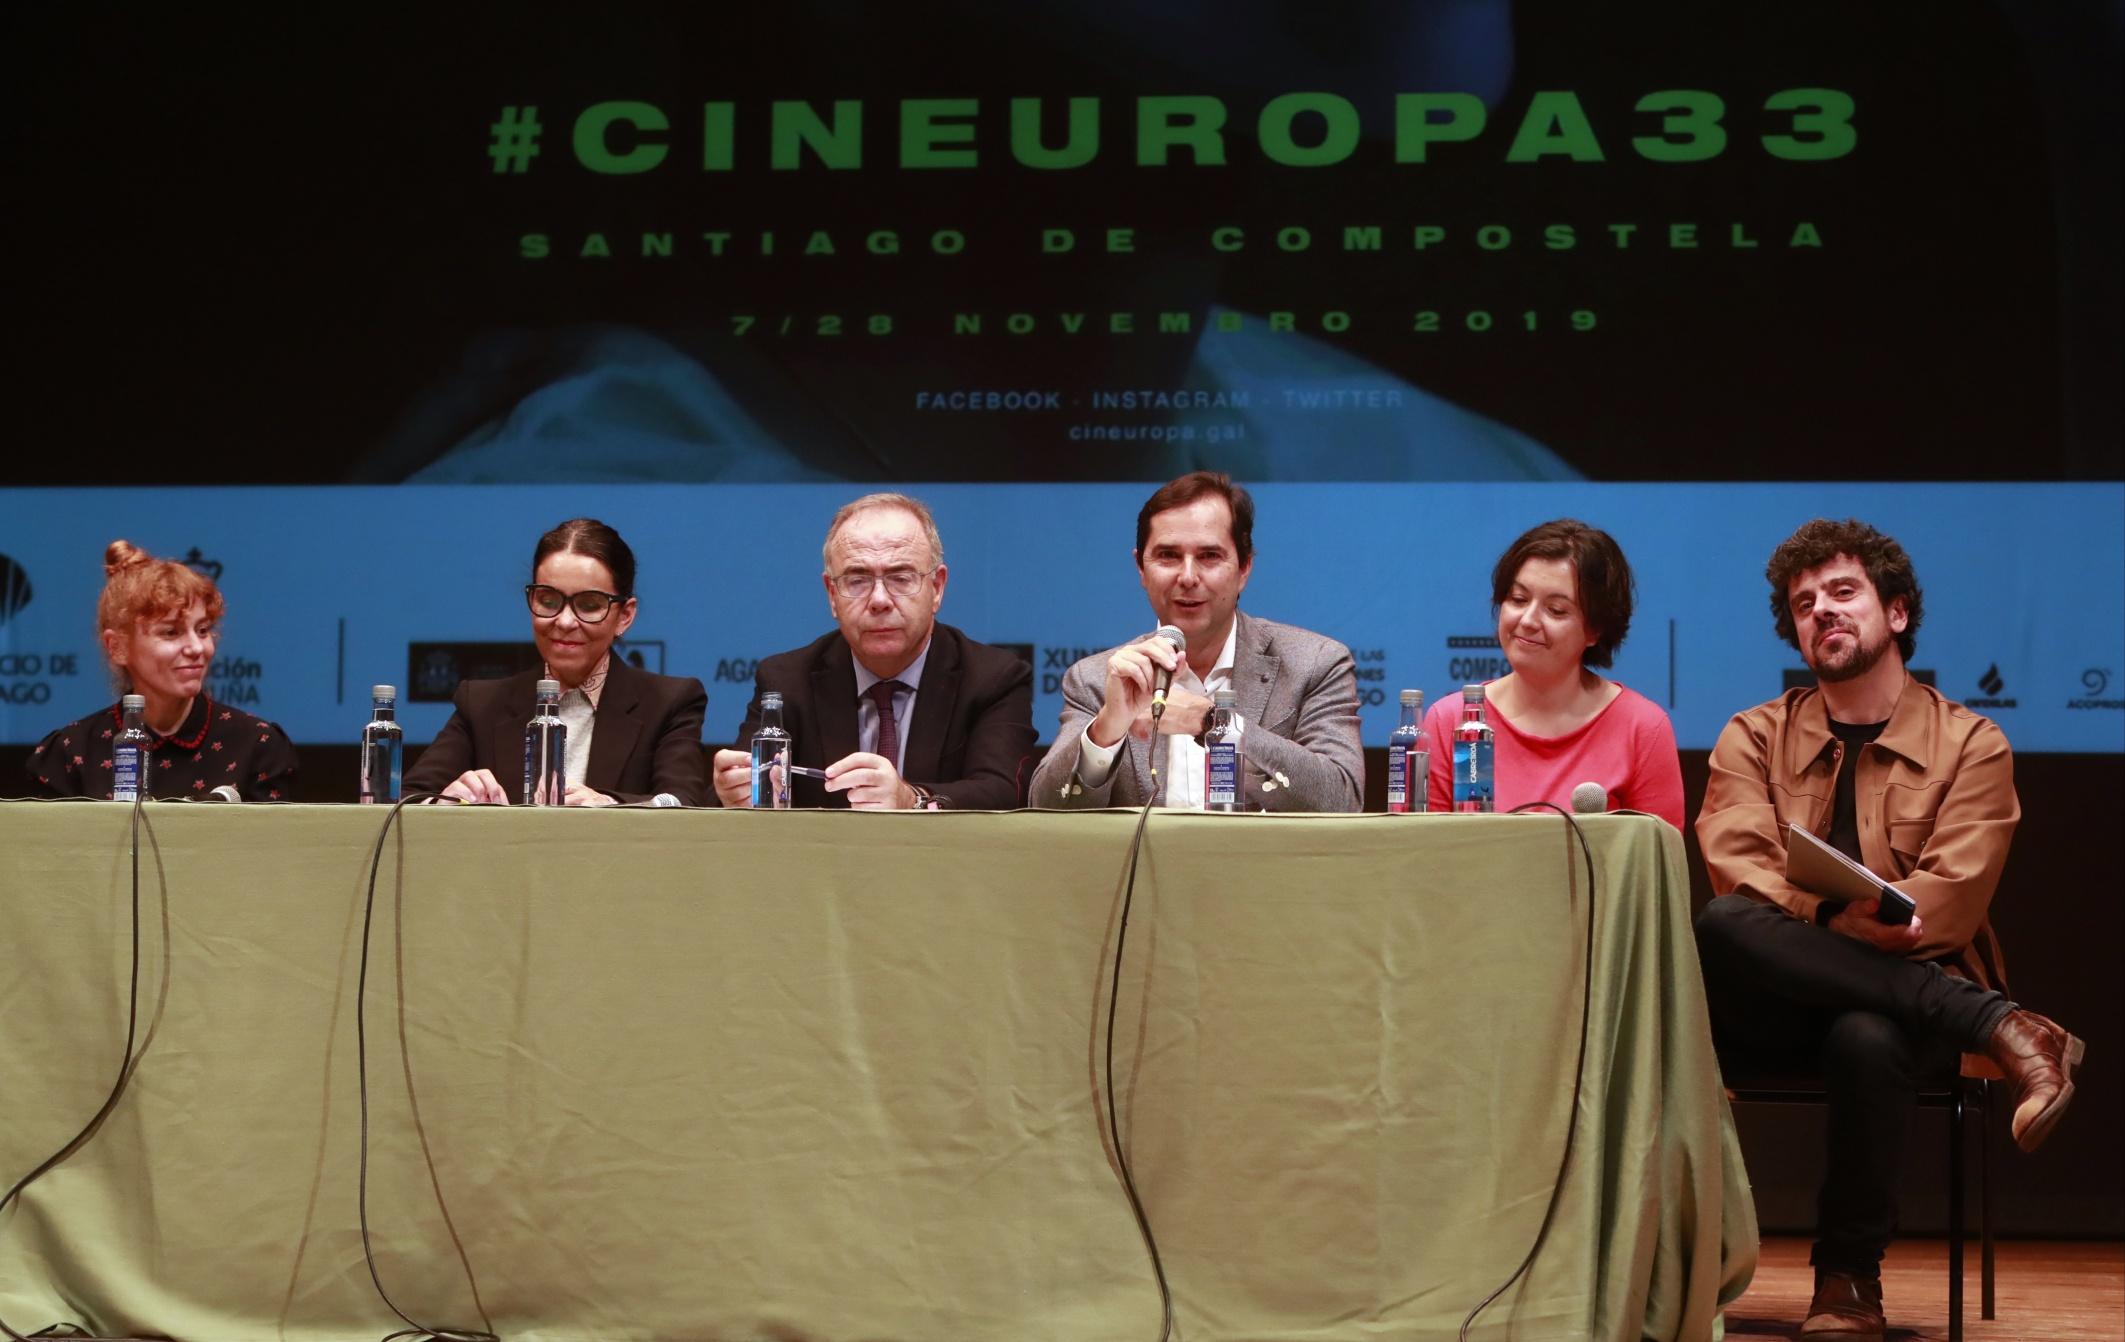 Un momento da presentación de Cineuropa